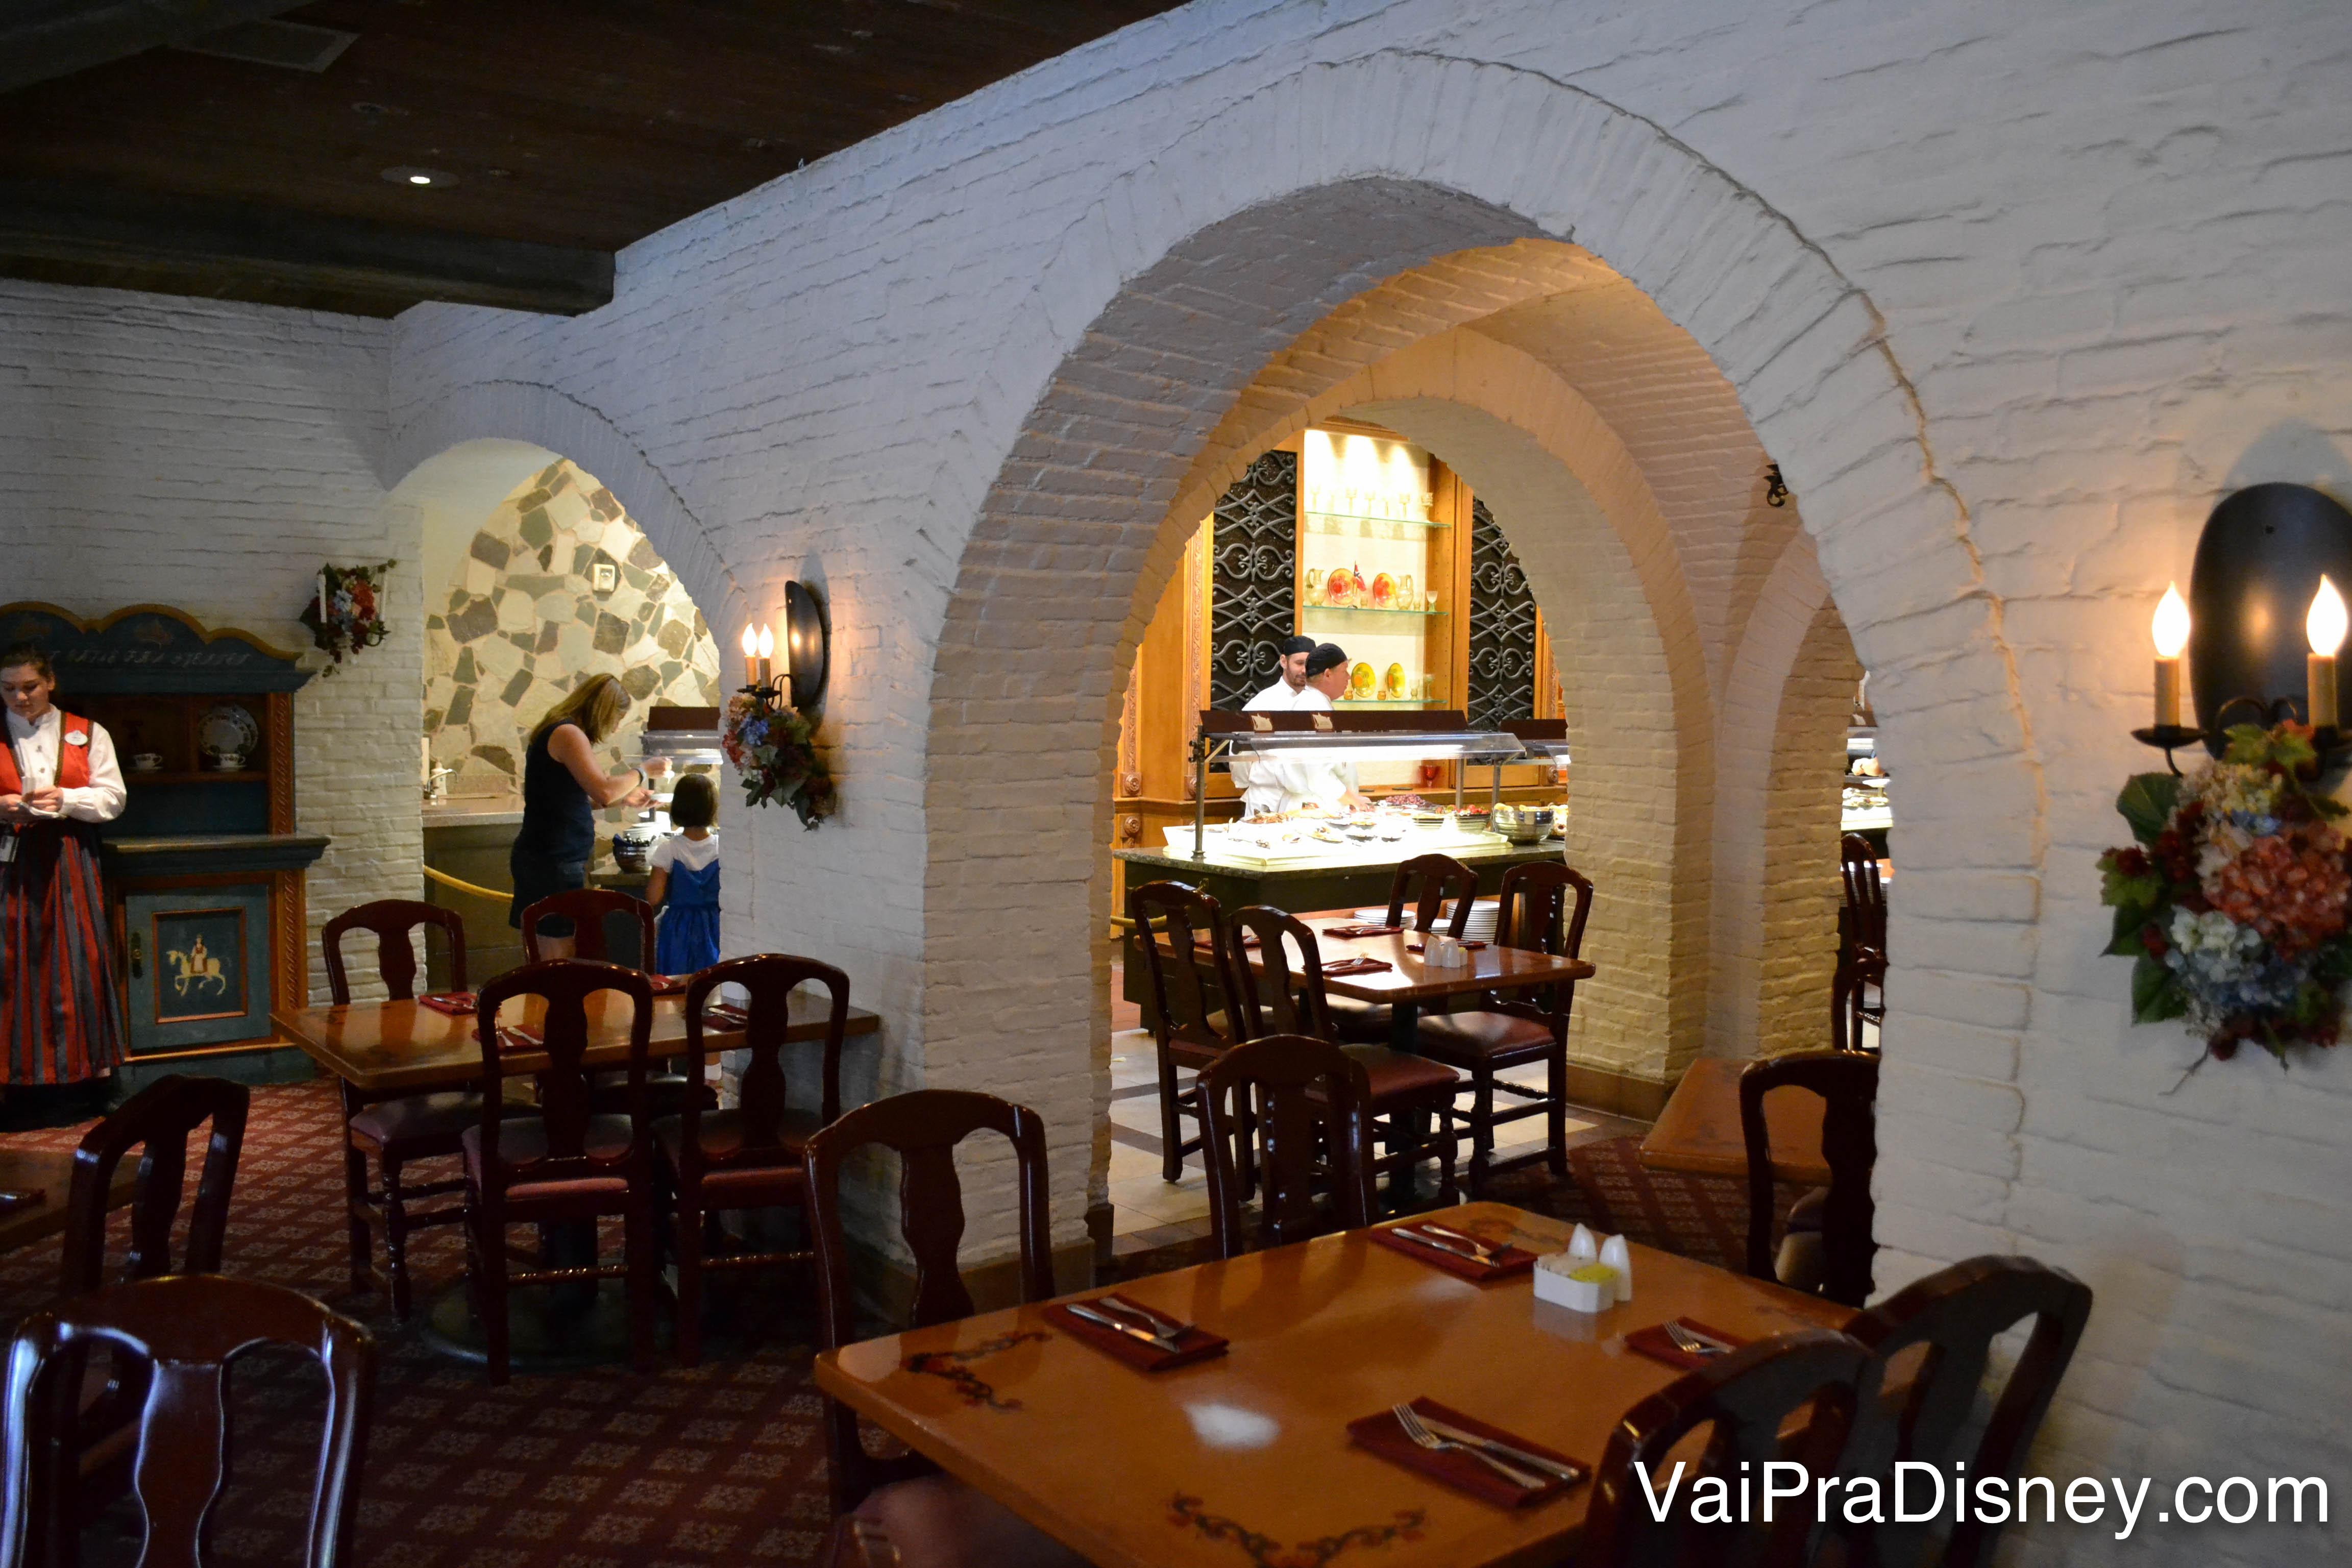 O interior do restaurante, que imita um castelo medieval